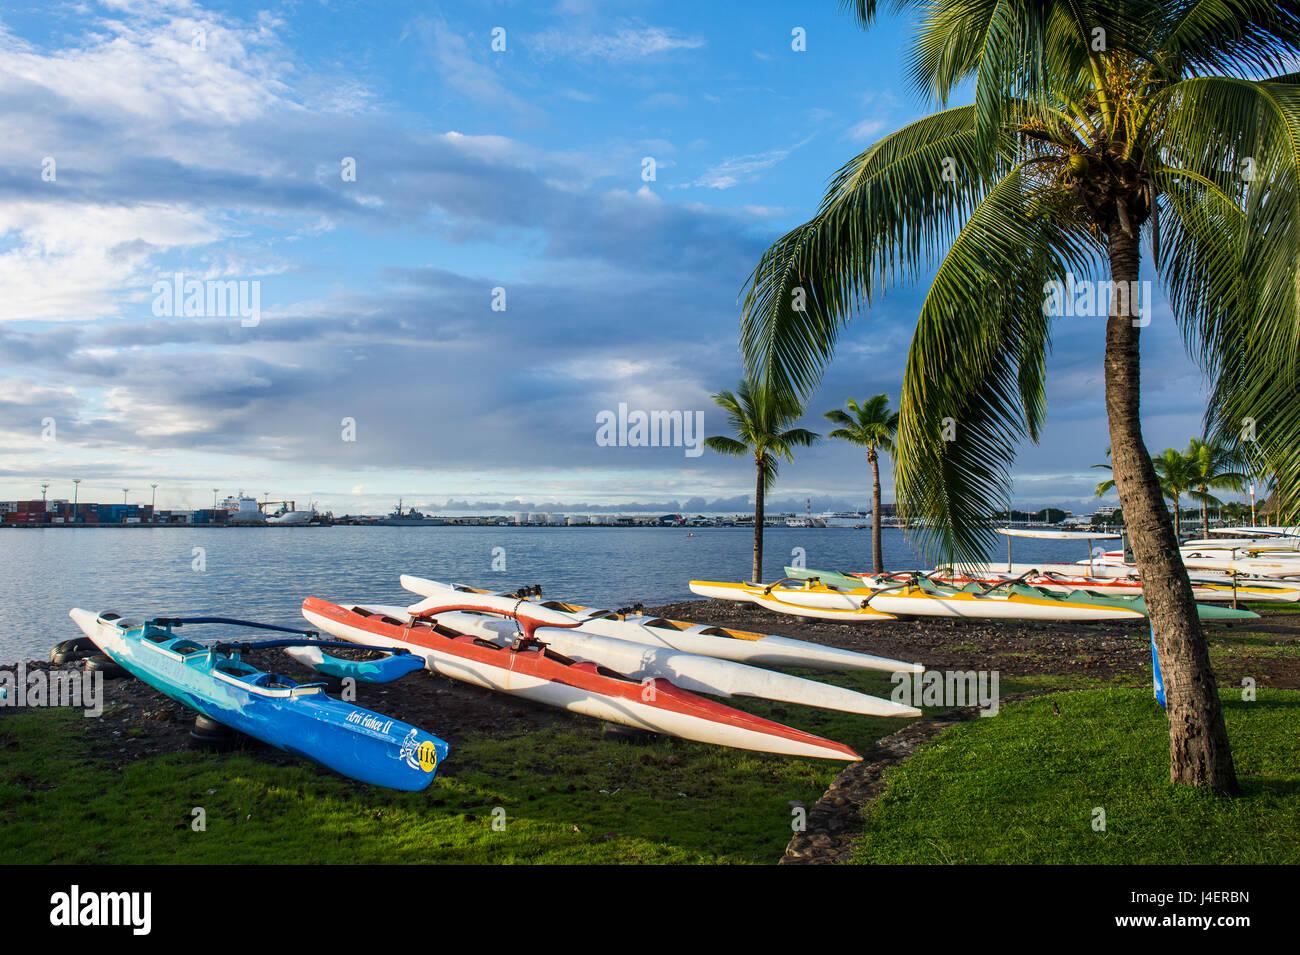 Viele Kajaks am Strand von Papeete, Tahiti, Gesellschaft-Inseln, Französisch-Polynesien, Pazifik Stockbild